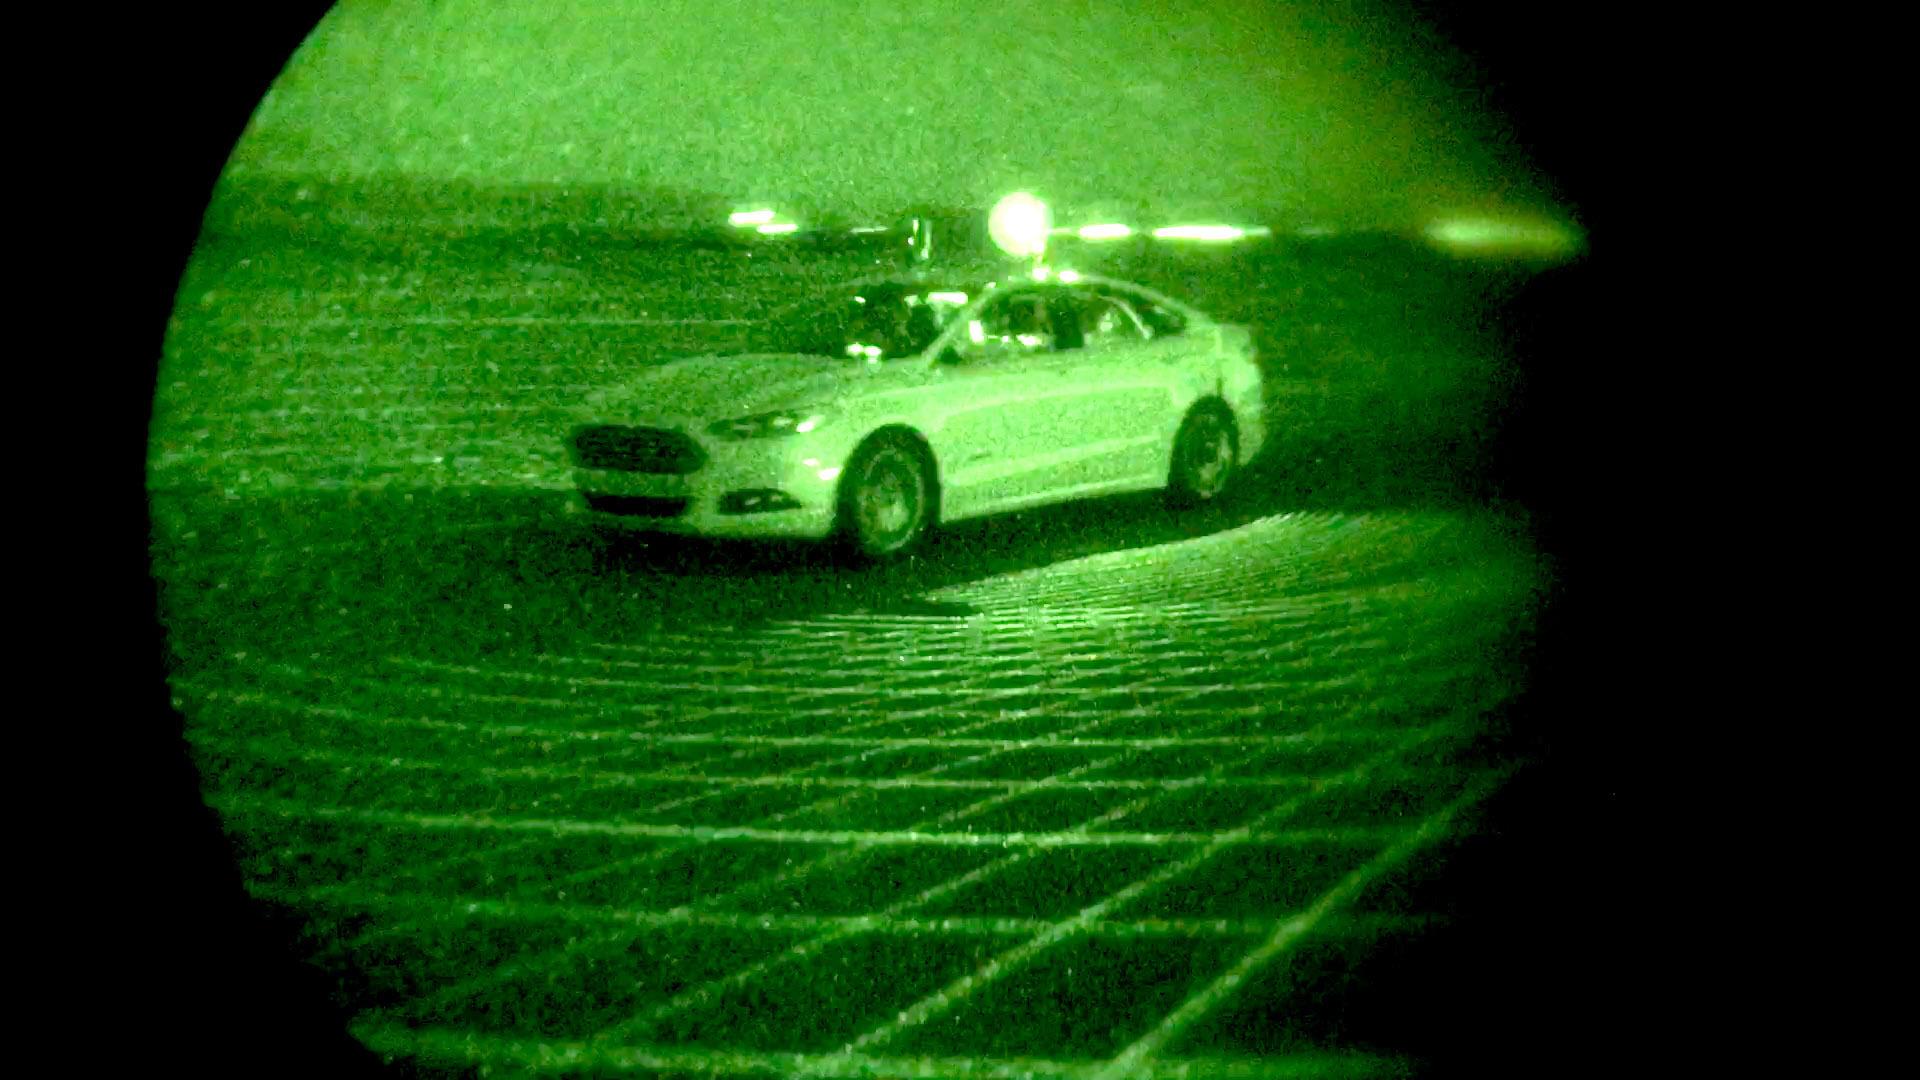 Тестовий безпілотний Ford успішно пройшов нічні випробування - офіційний представник Winner в Україні